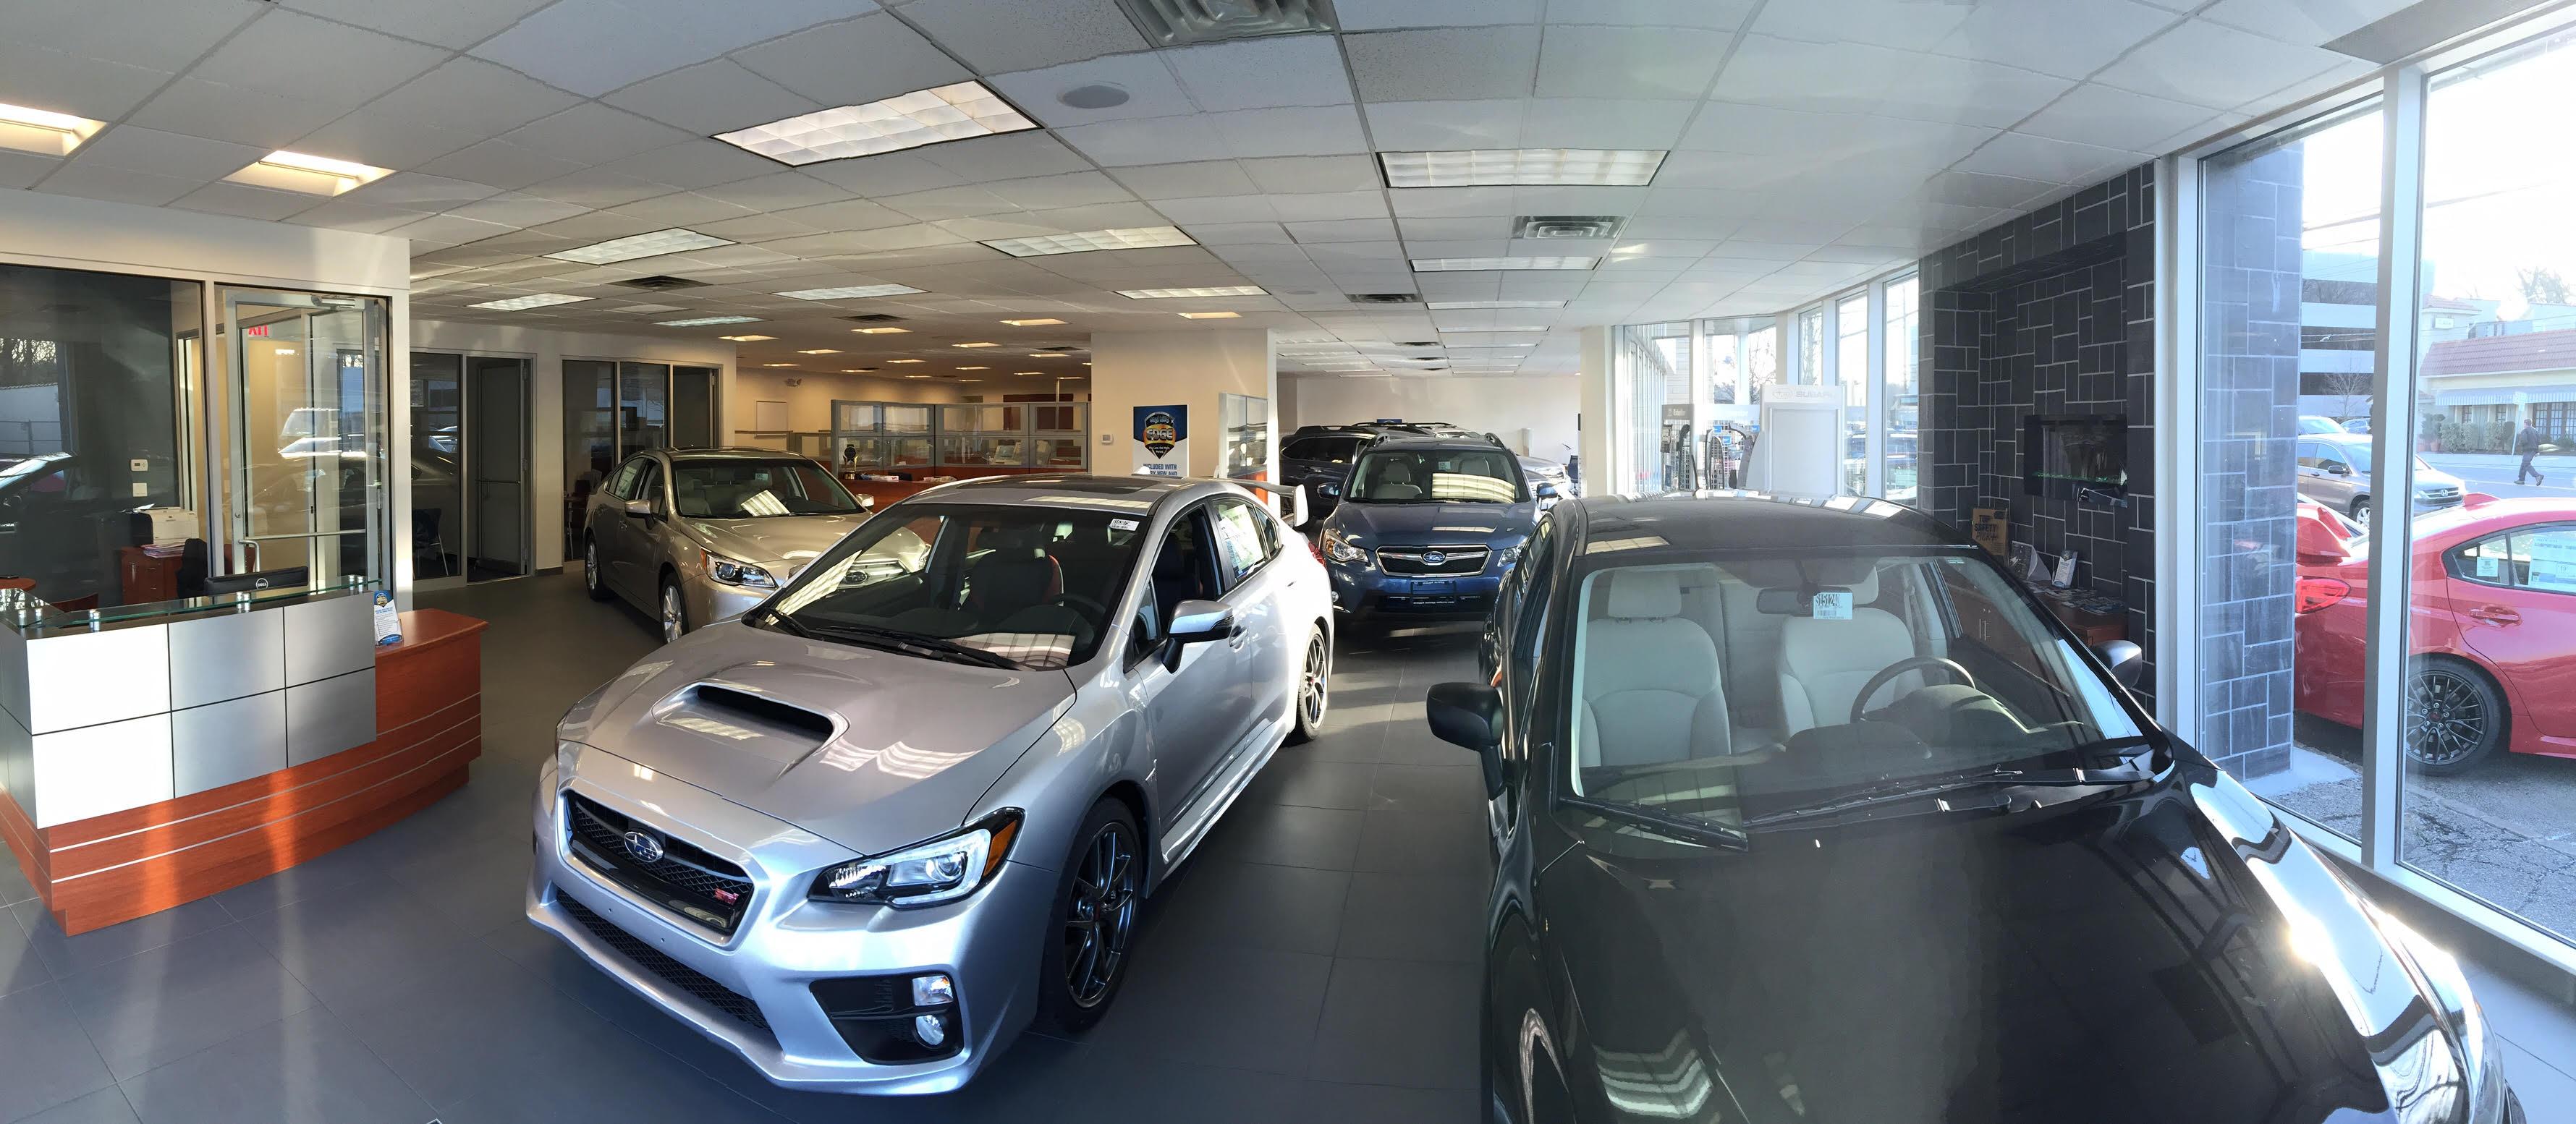 East Hills Subaru image 1